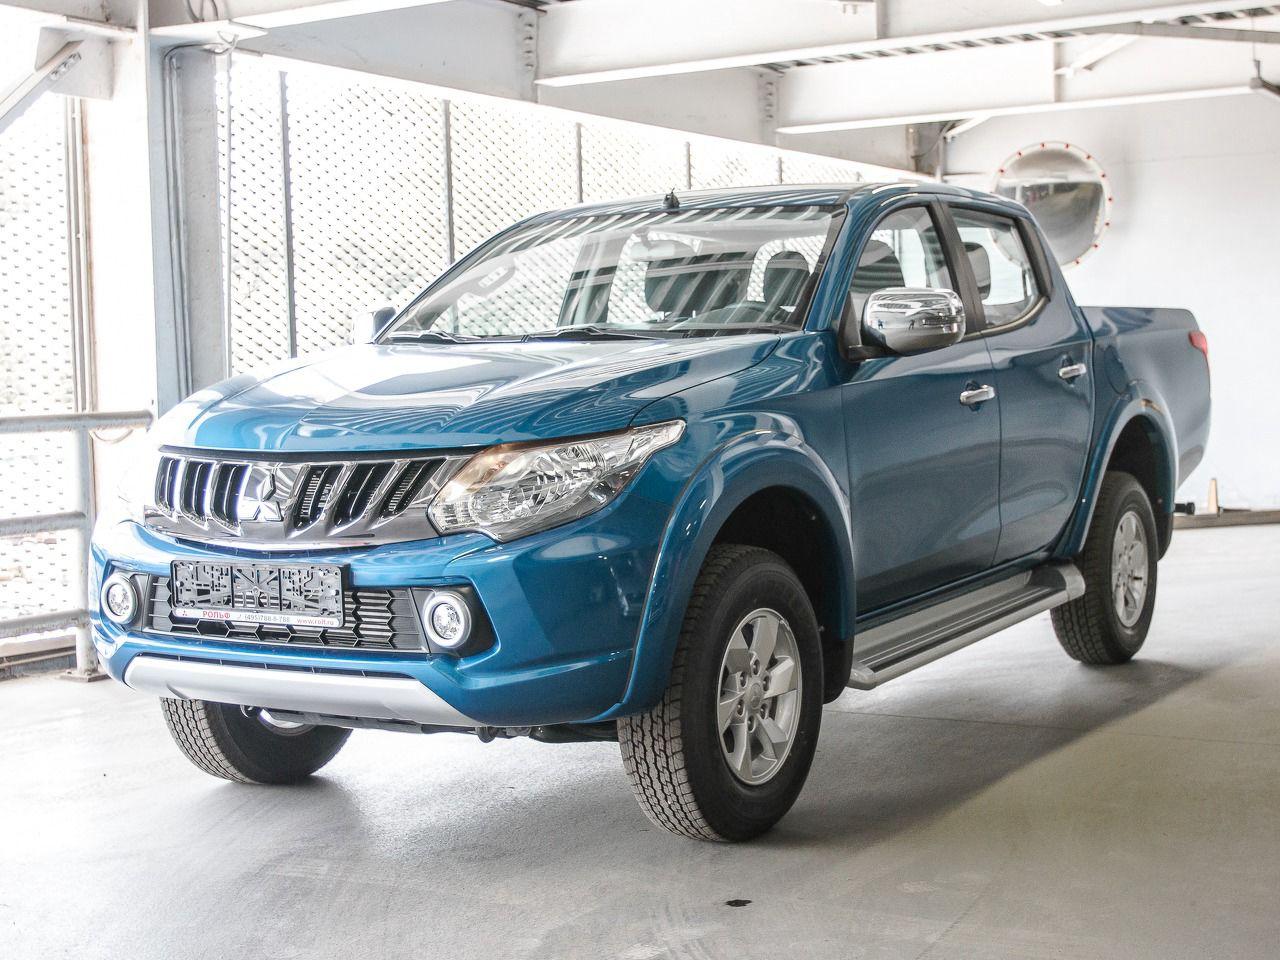 Новый Mitsubishi L200 станет более легковым